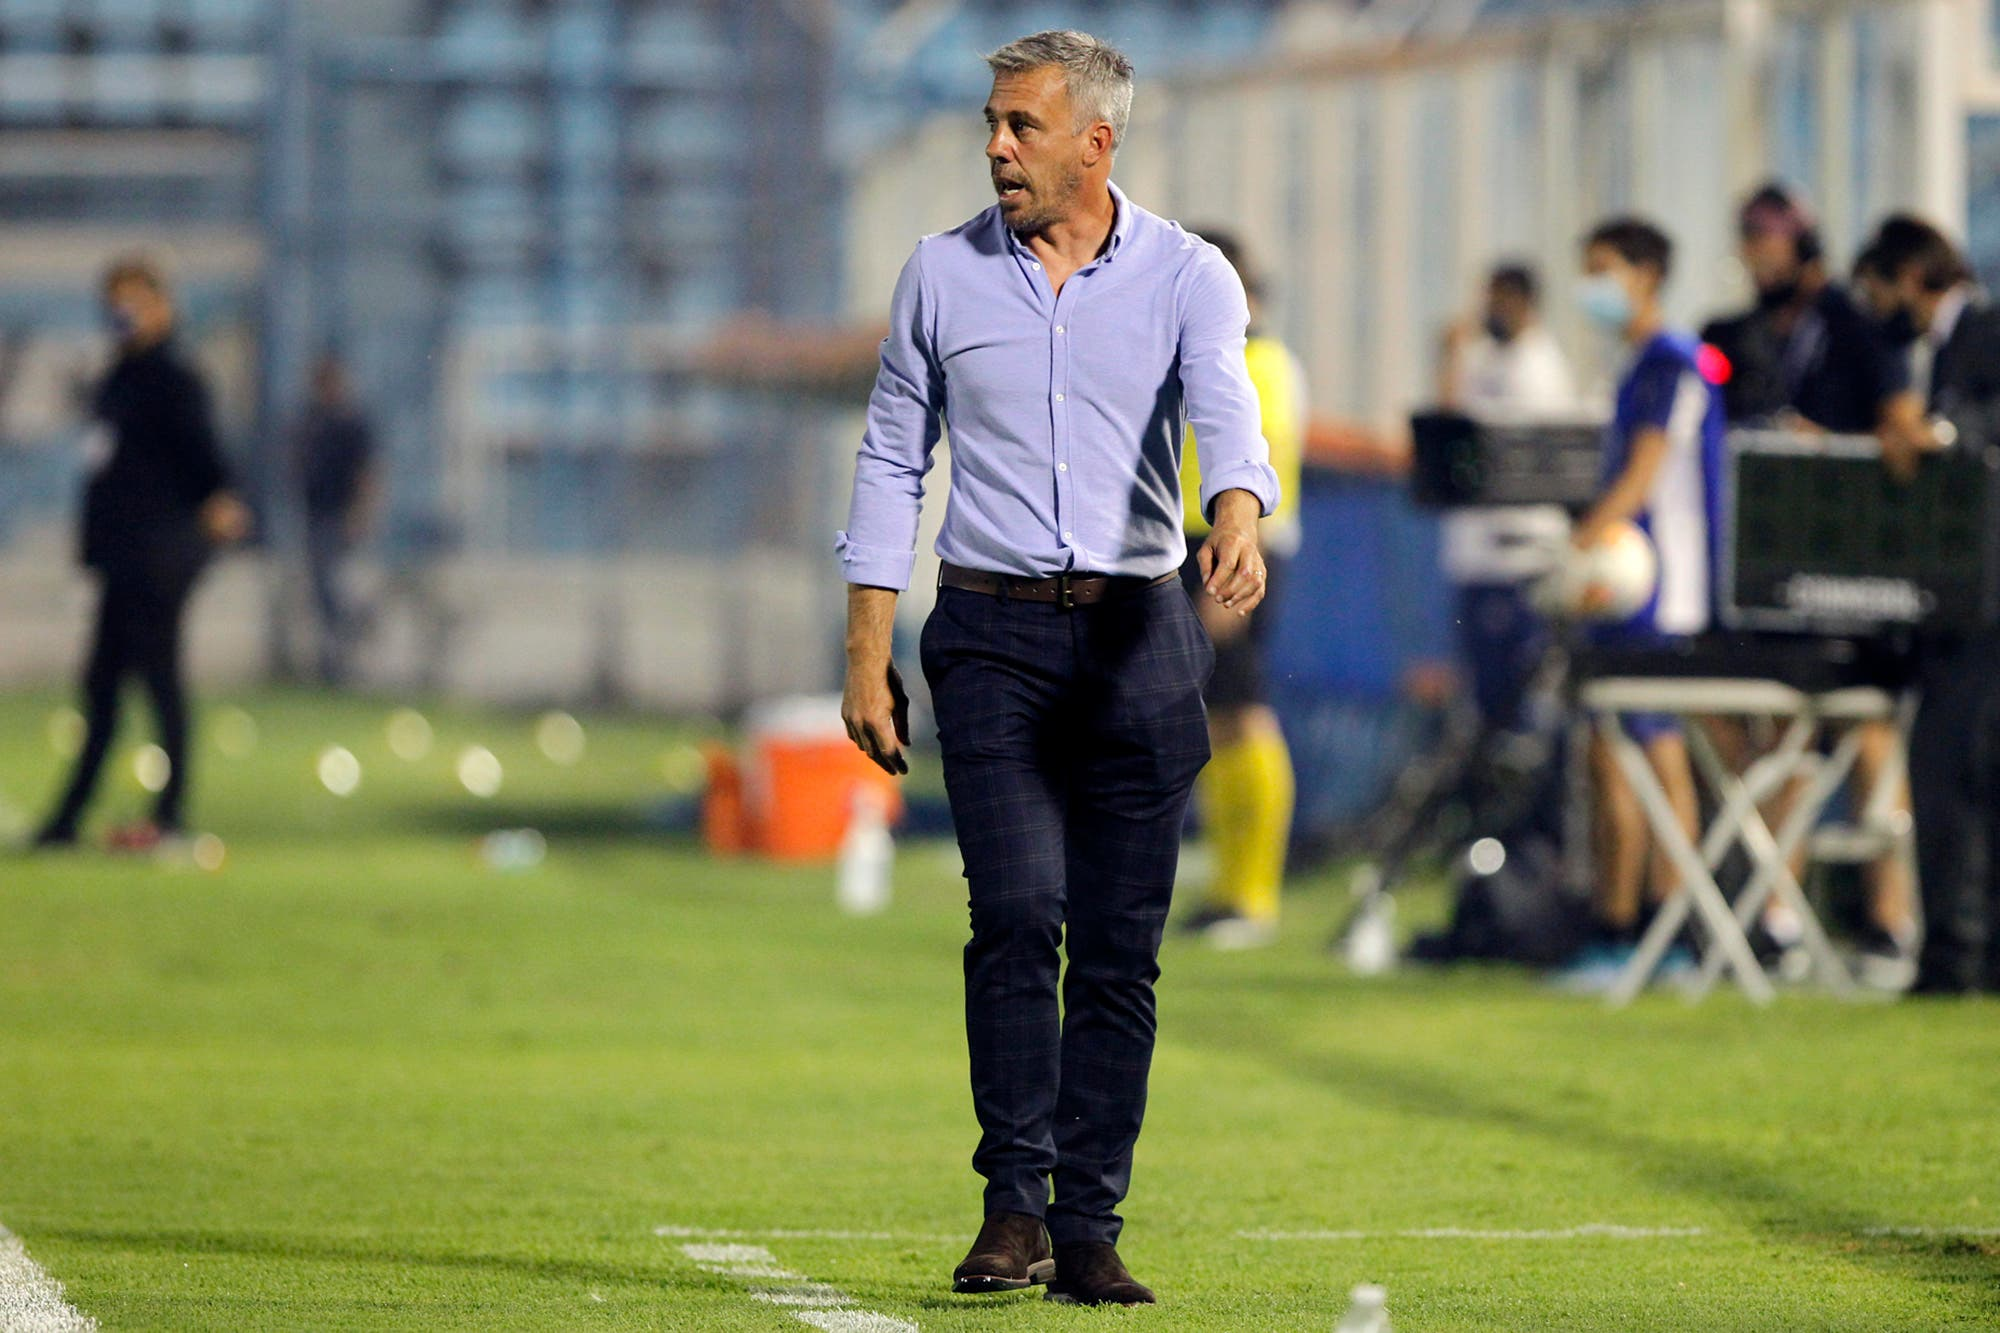 Independiente-Central Córdoba: el partido que cierra el sábado se juega en Avellaneda